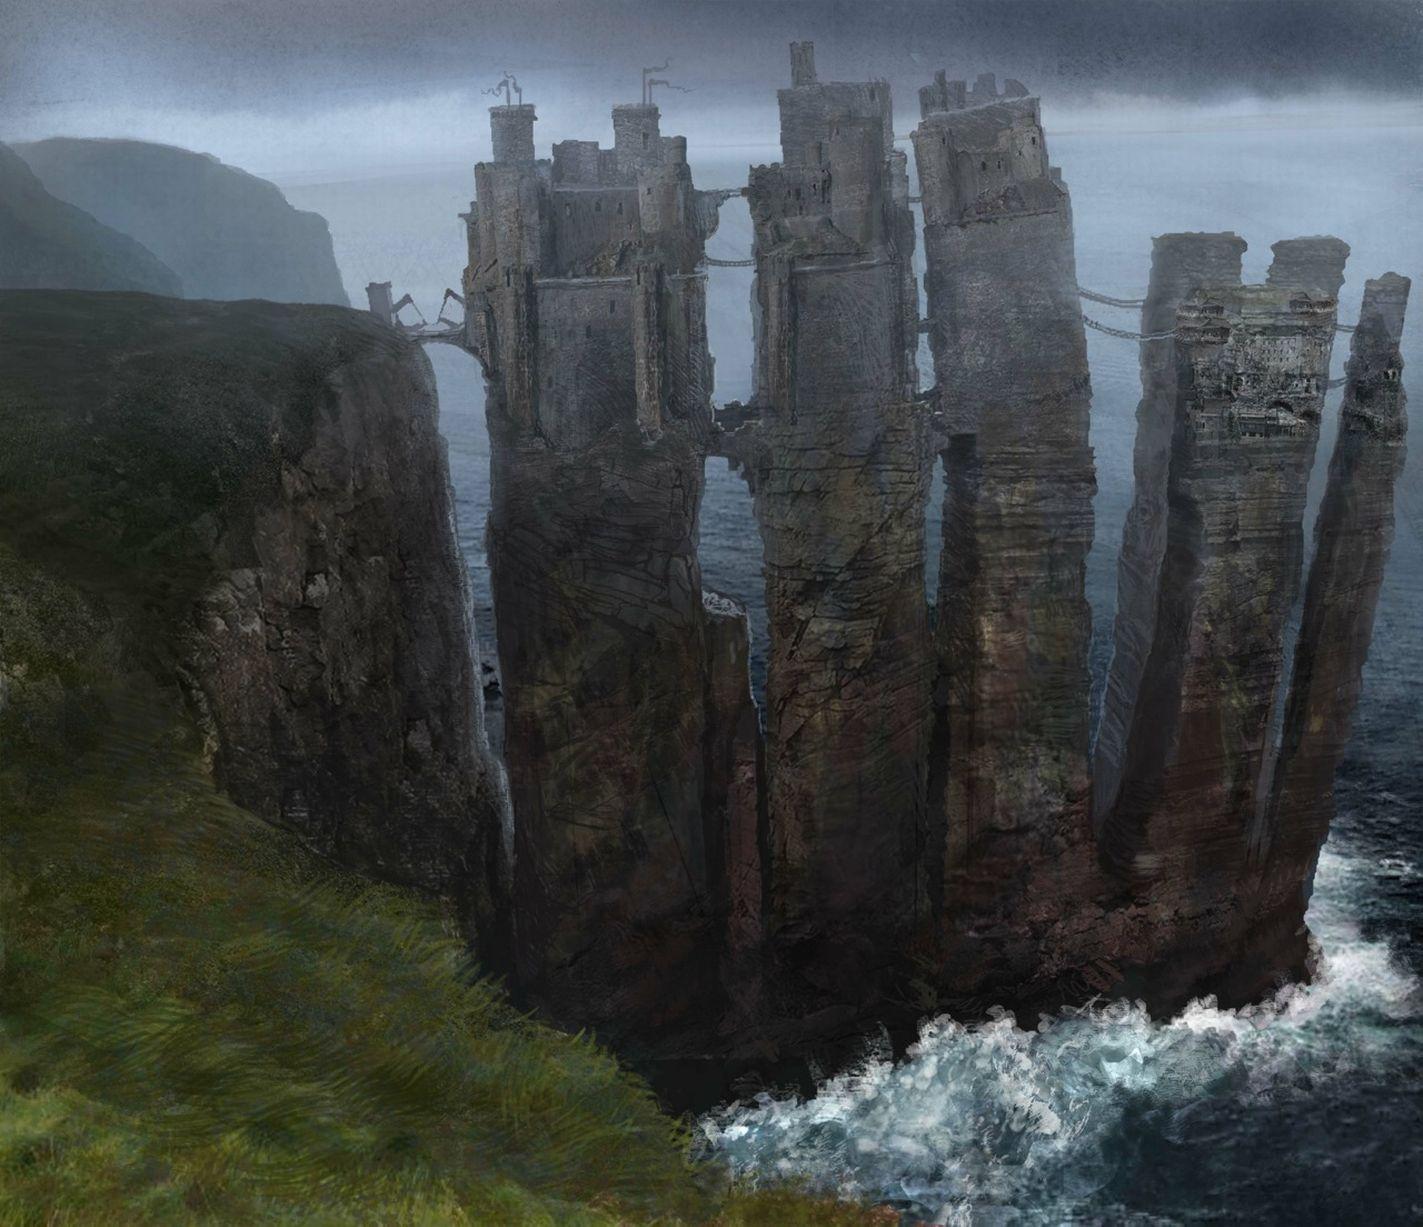 Pyke Las Islas de Hierro Temporadas 1 y 2 - 30 imágenes de Concept Art de Juego de Tronos Sorprendentes